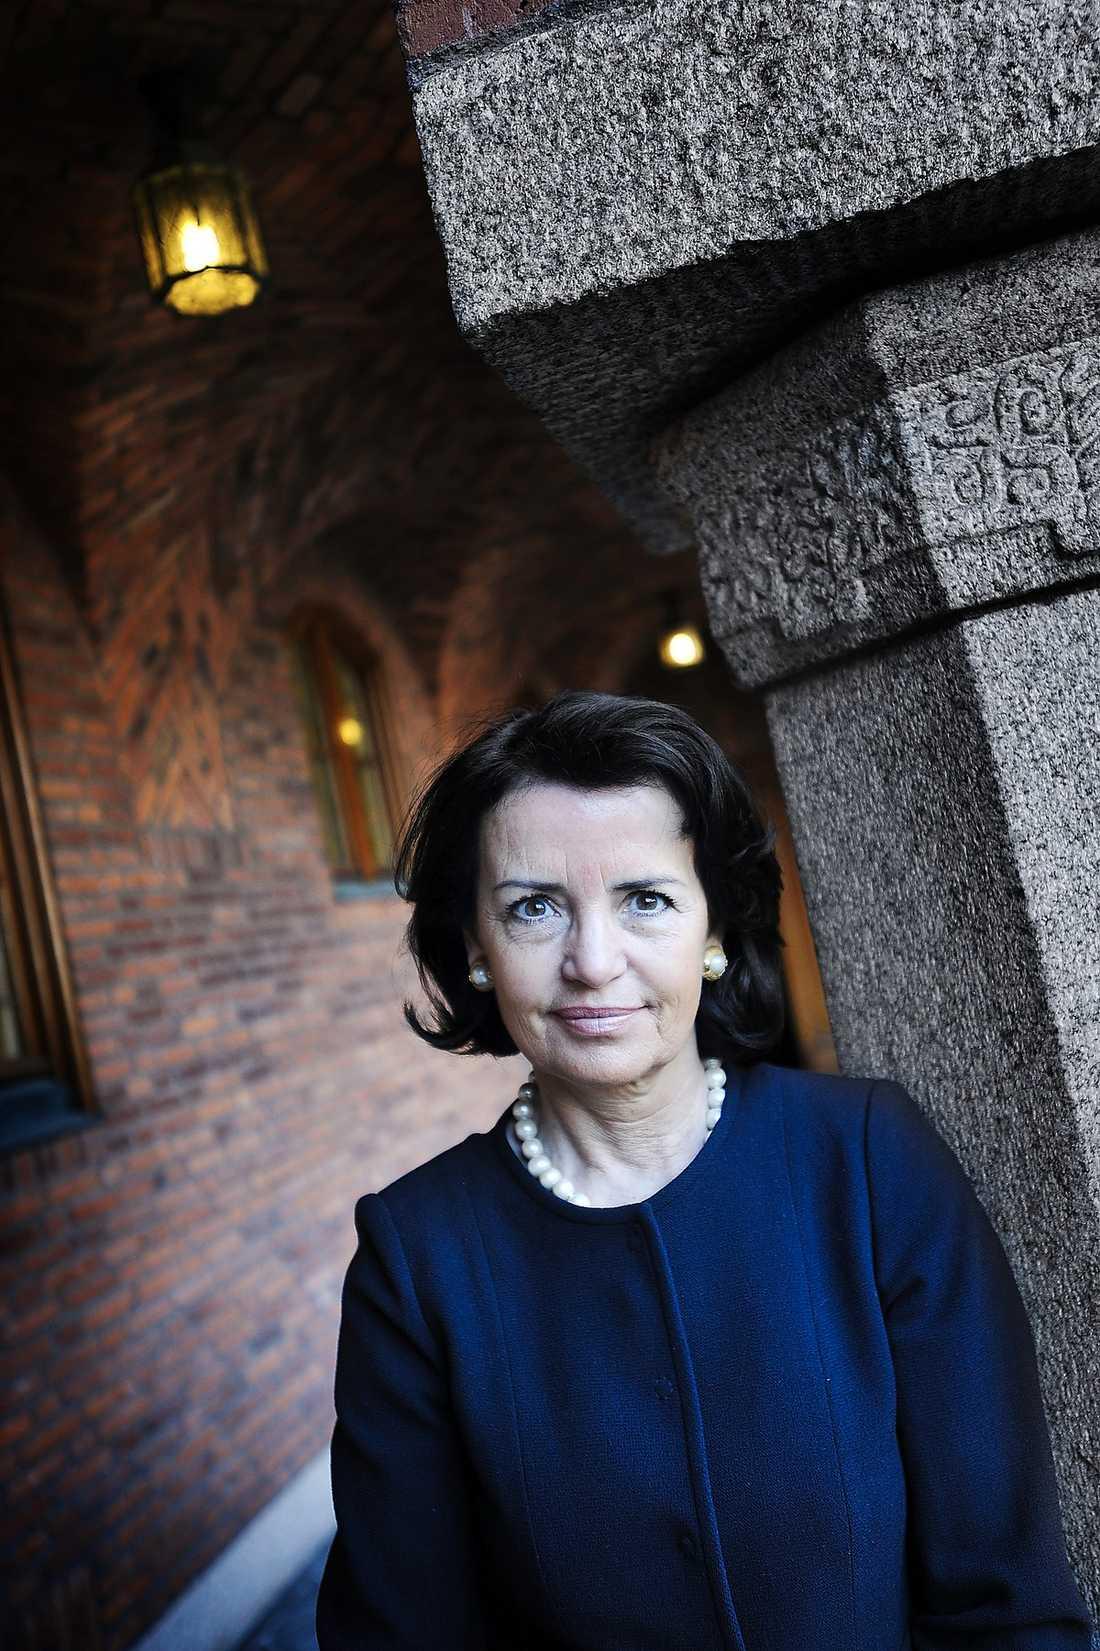 """""""KUNGEN HAR RÄTT"""" Advokatsamfundets Anne Ramberg sa till """"Aktuellt"""" i veckan att man inte kan lita på kriminella och att kungen har rätt. Ett uttalande som nu får skarp kritik av advokater."""